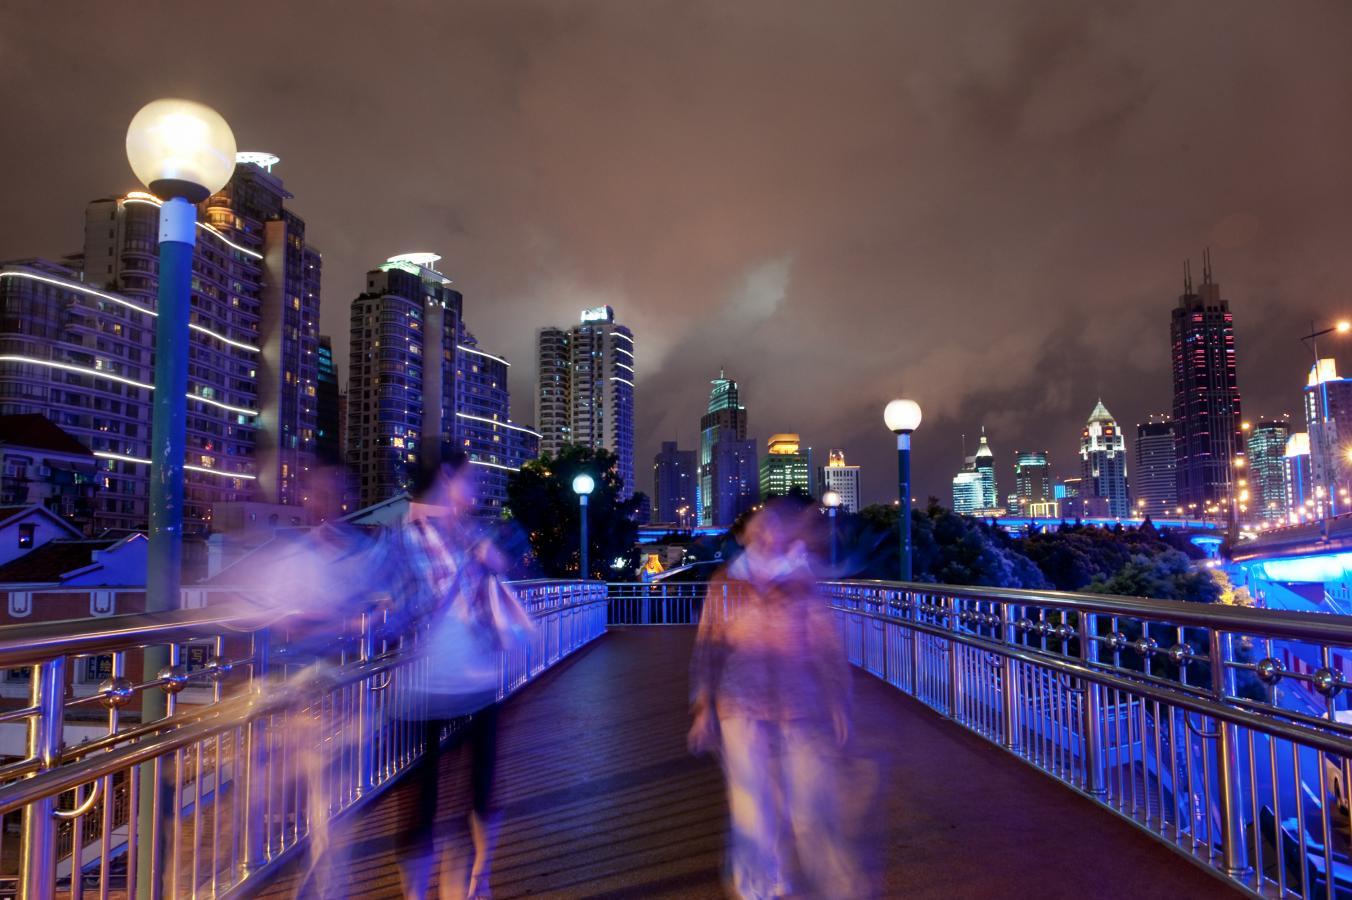 blue-city-shanghai-2010